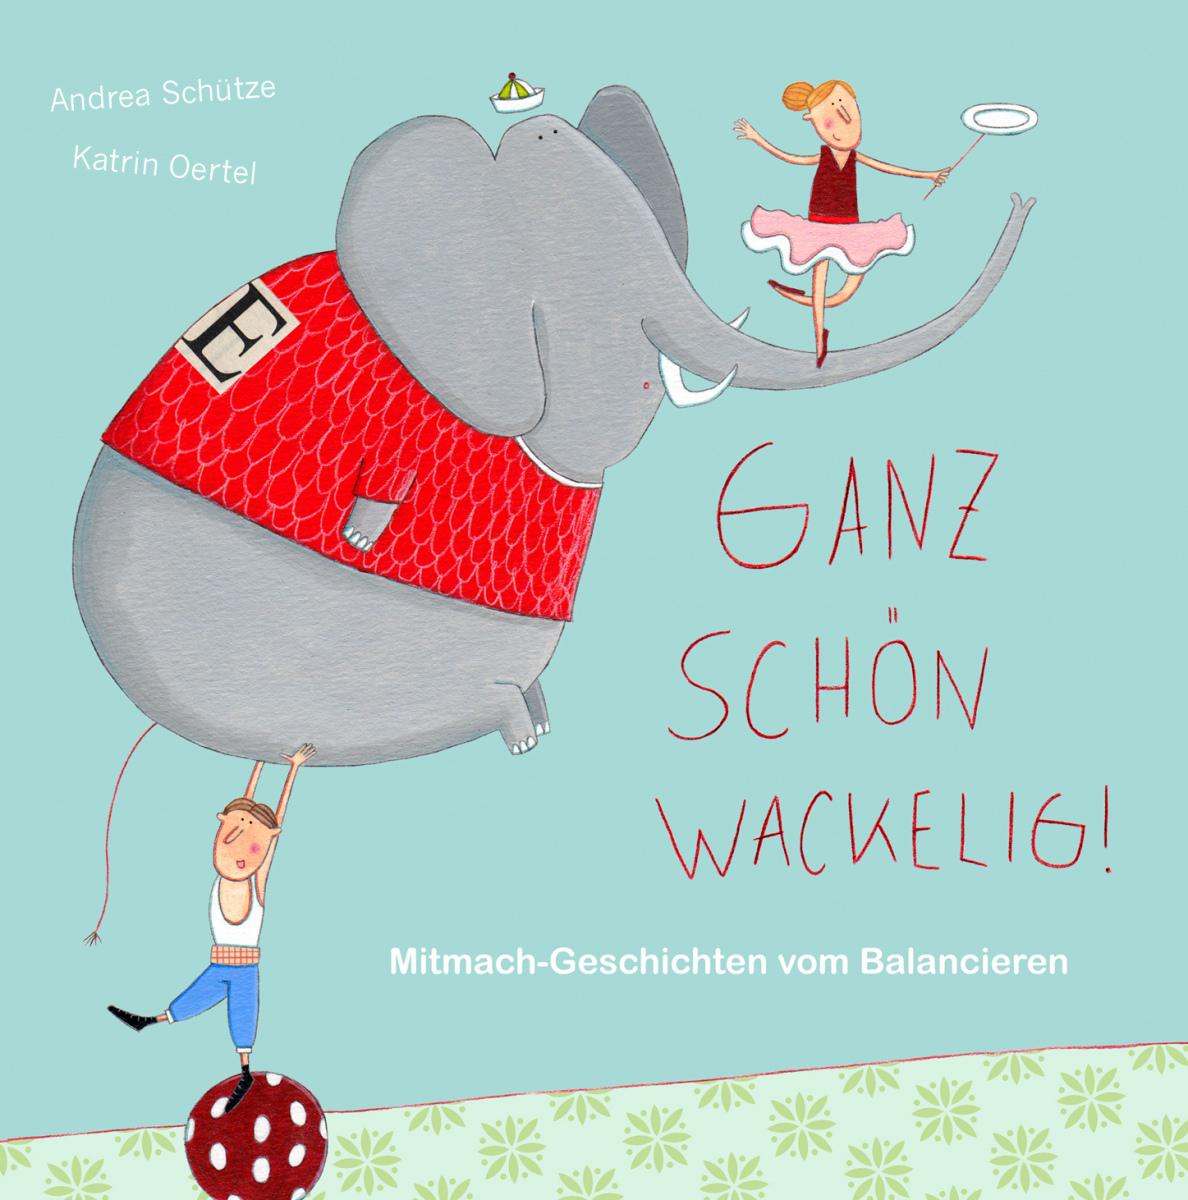 Ganz-schoen-wackelig-1